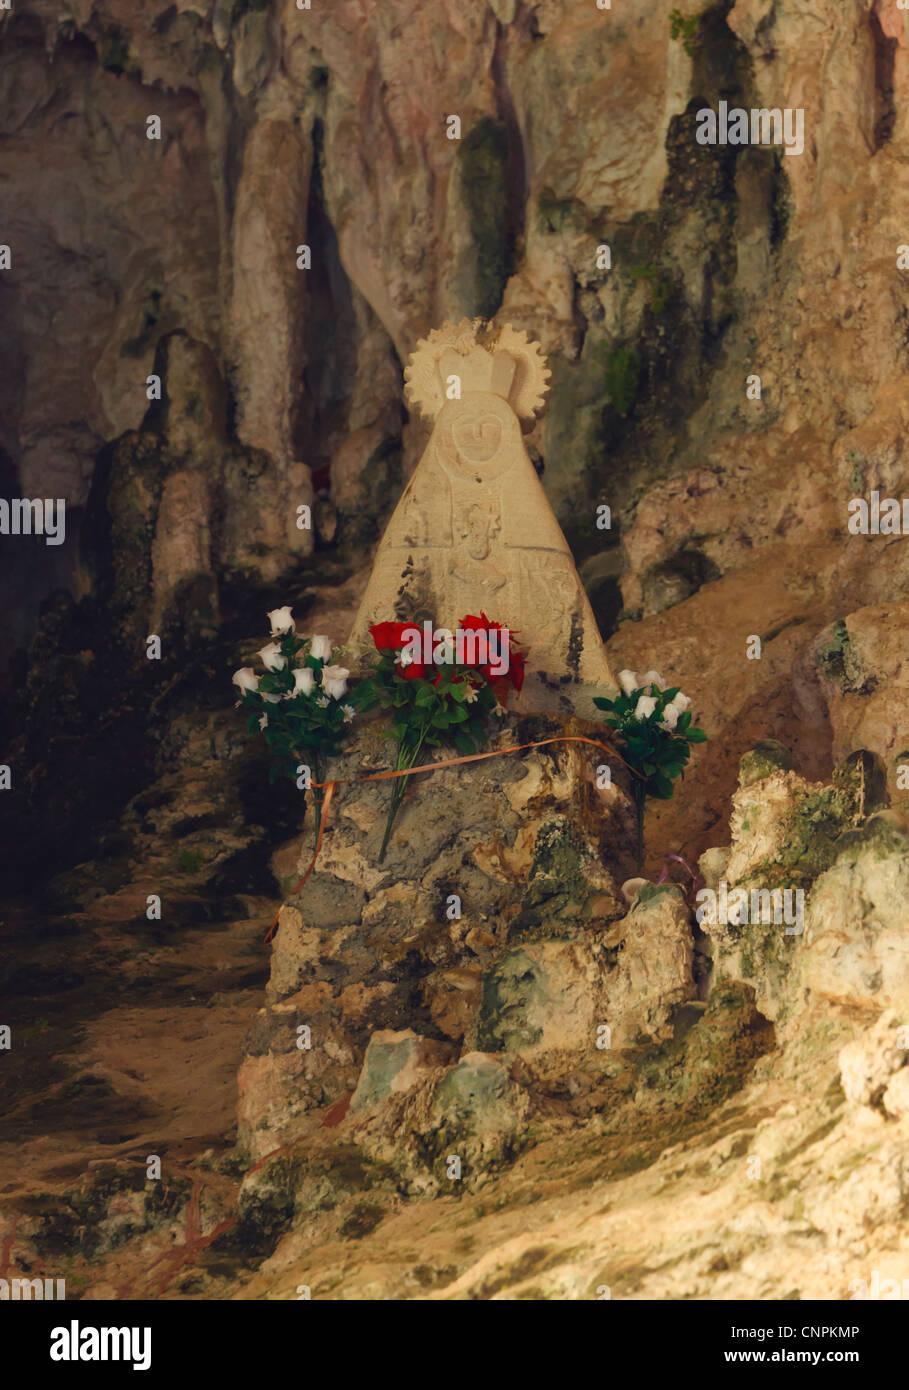 Virgin in Cueva del Agua, or Cueva de la Virgen de Tíscar, near Tiscar, Jaen province, Andalusia, southern - Stock Image